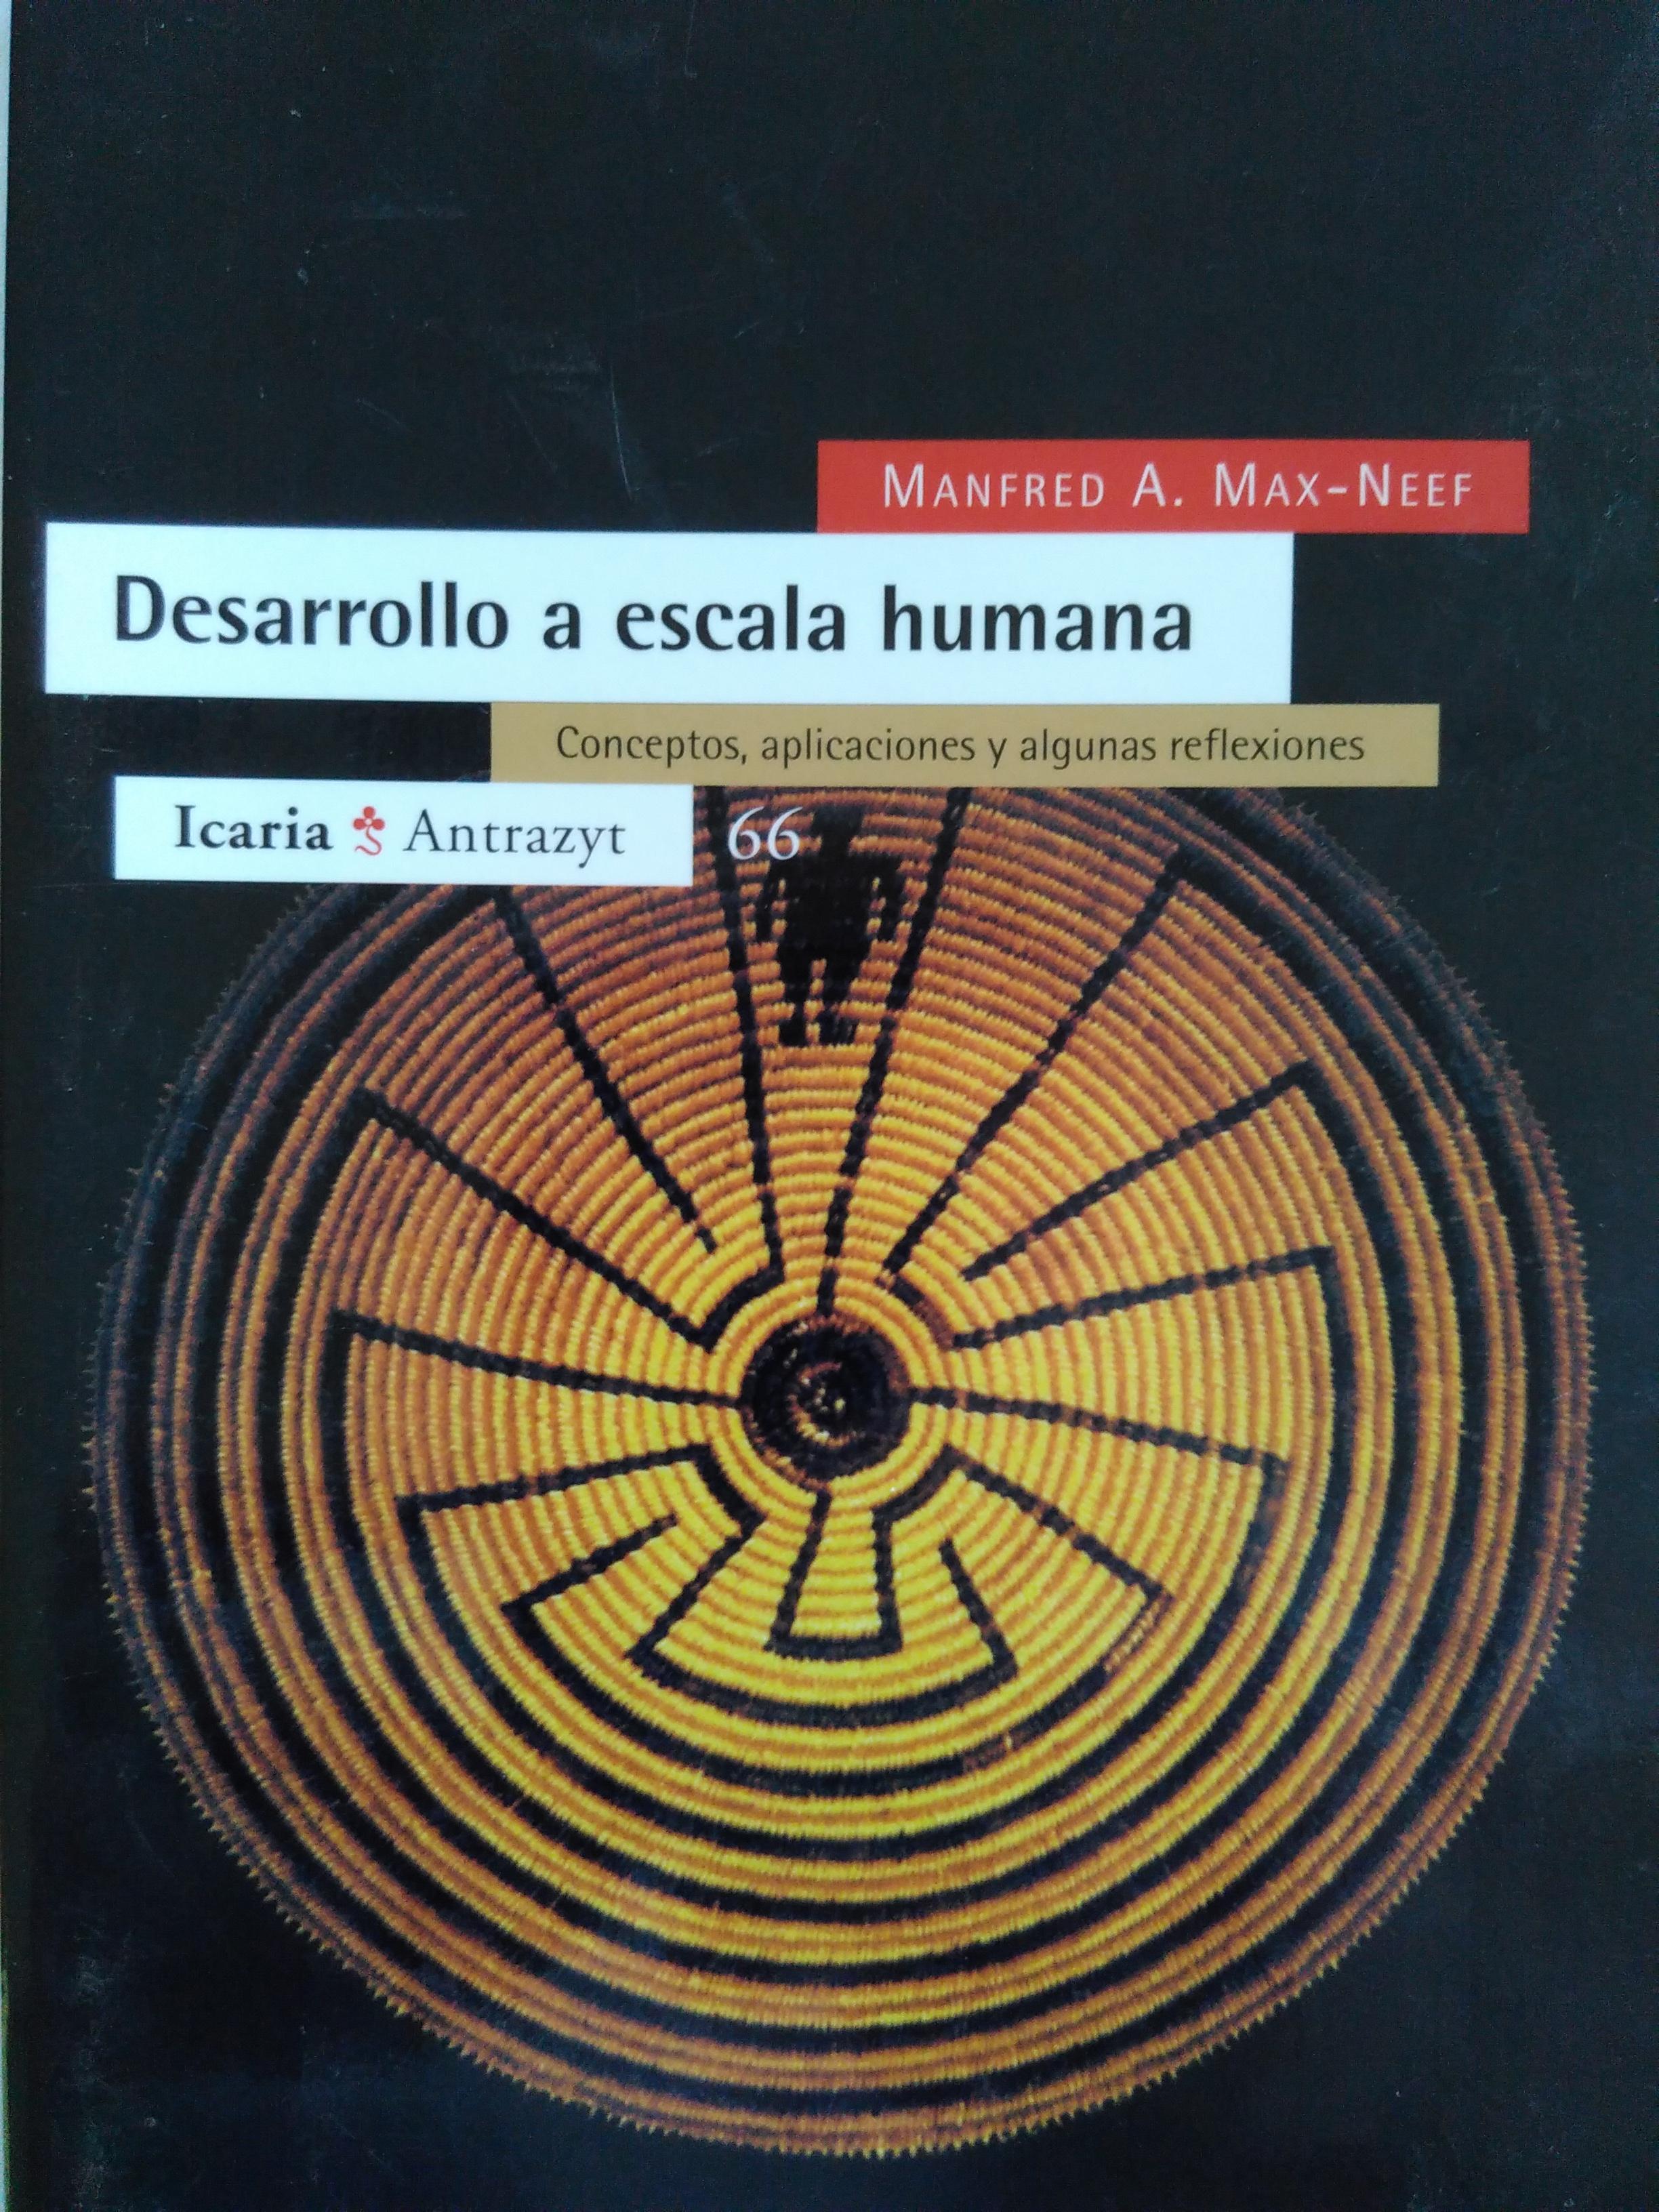 Desarrollo a escala humana. Conceptos, aplicaciones y algunas reflexiones. Manfred A. Max-Neef. 1994